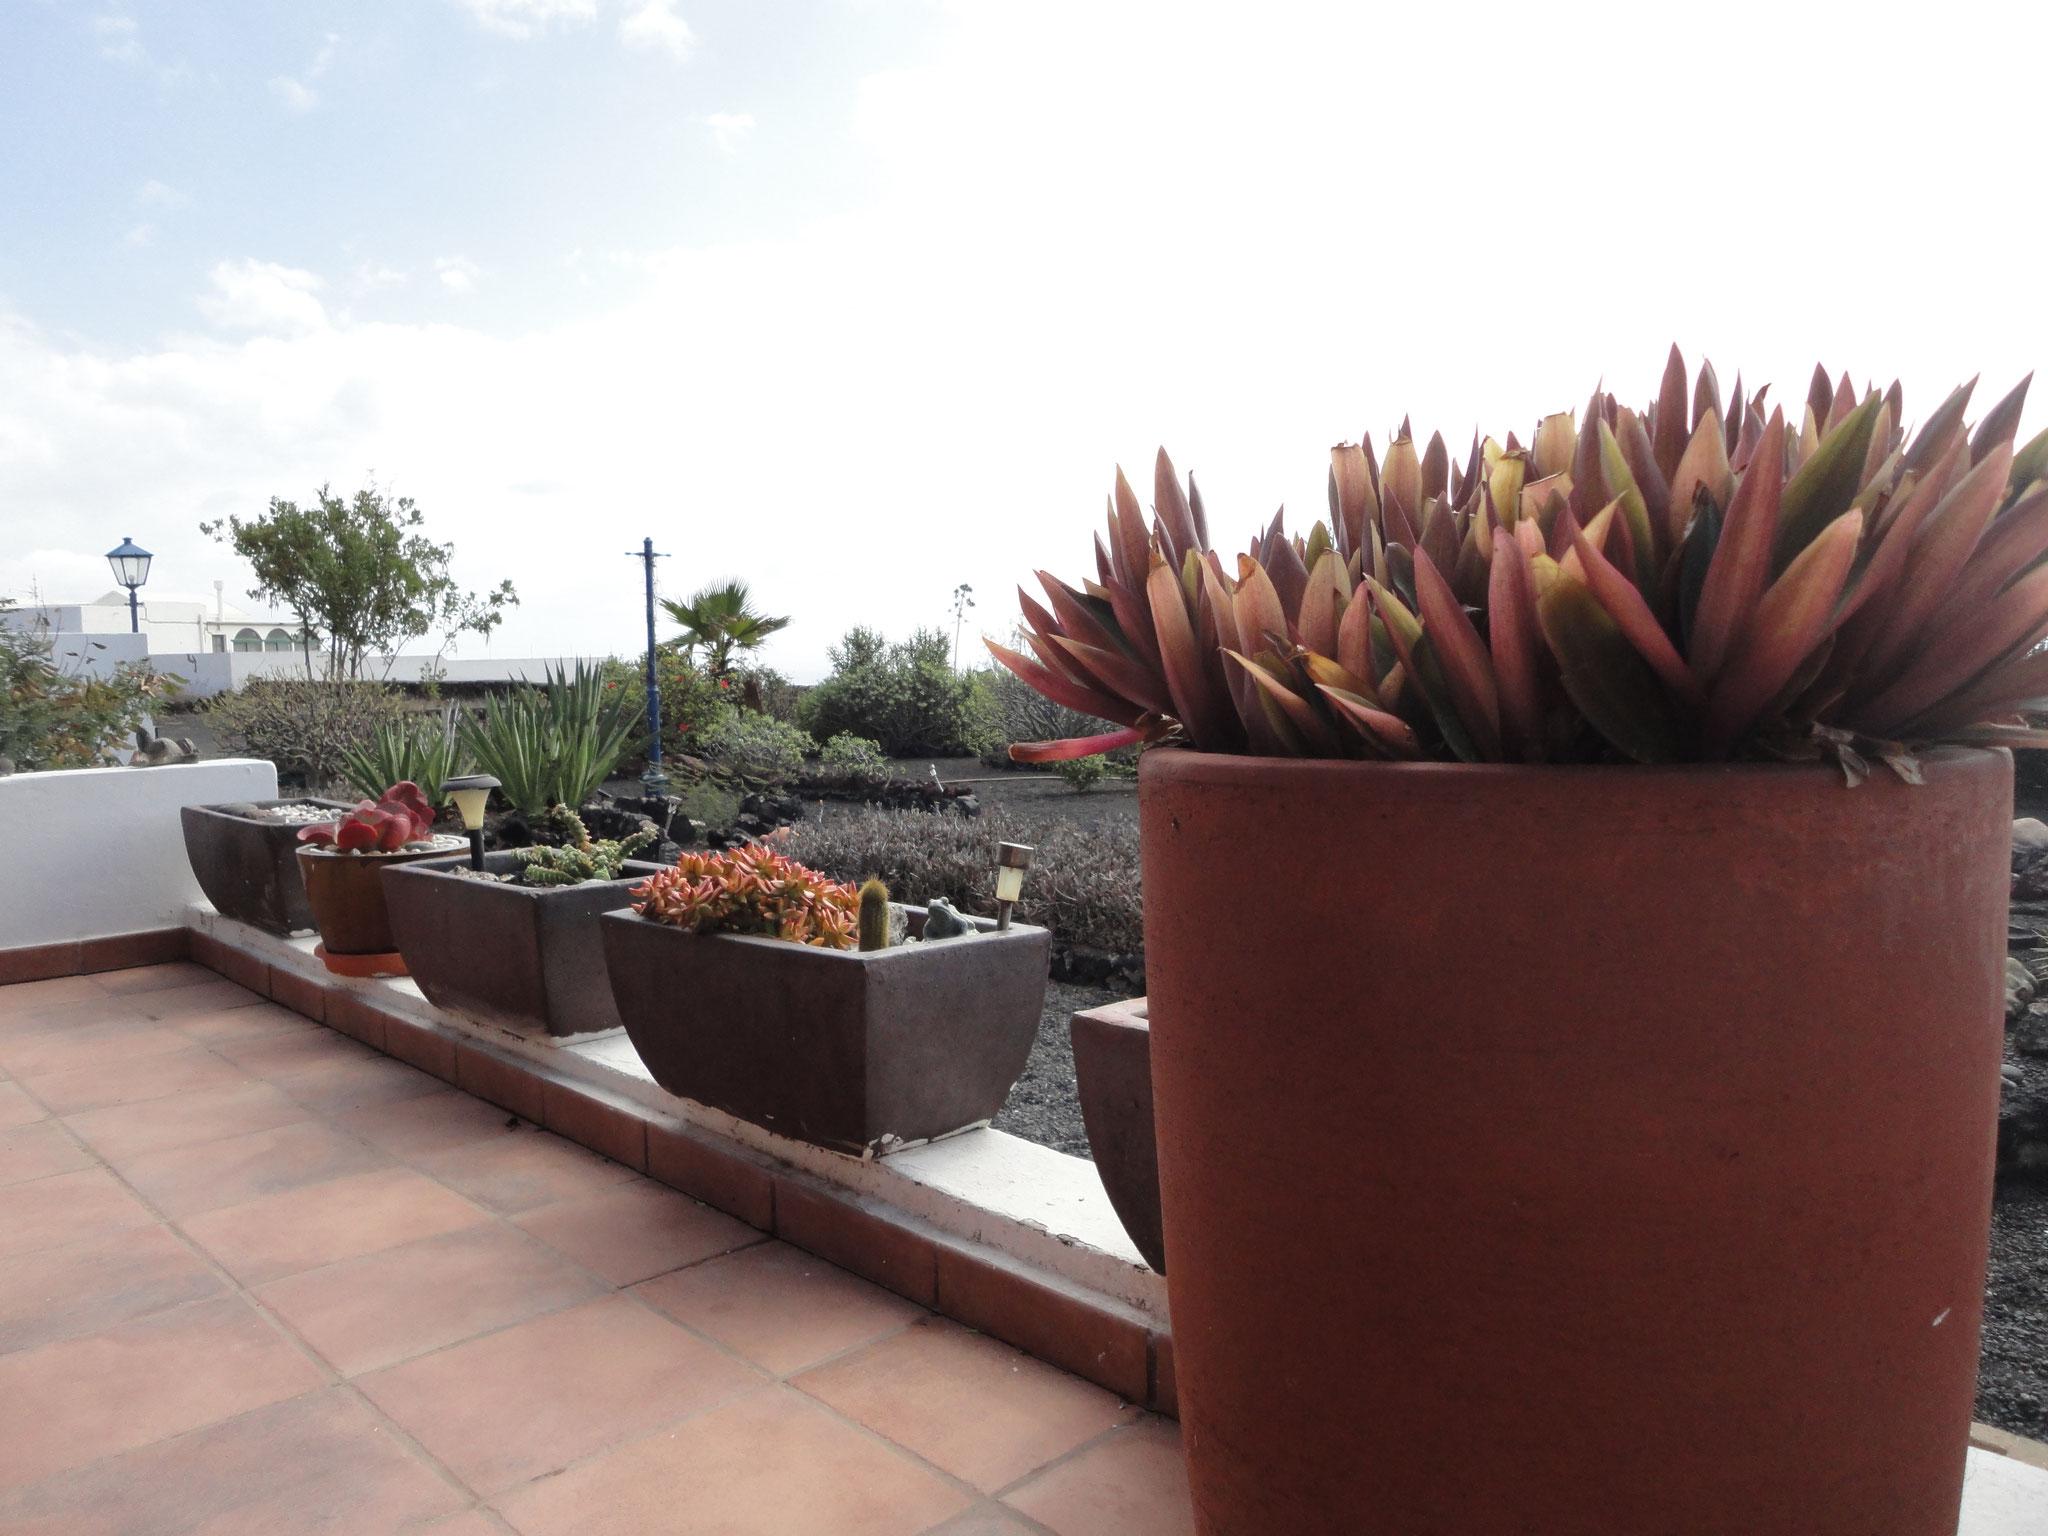 Views across the Indigenous garden